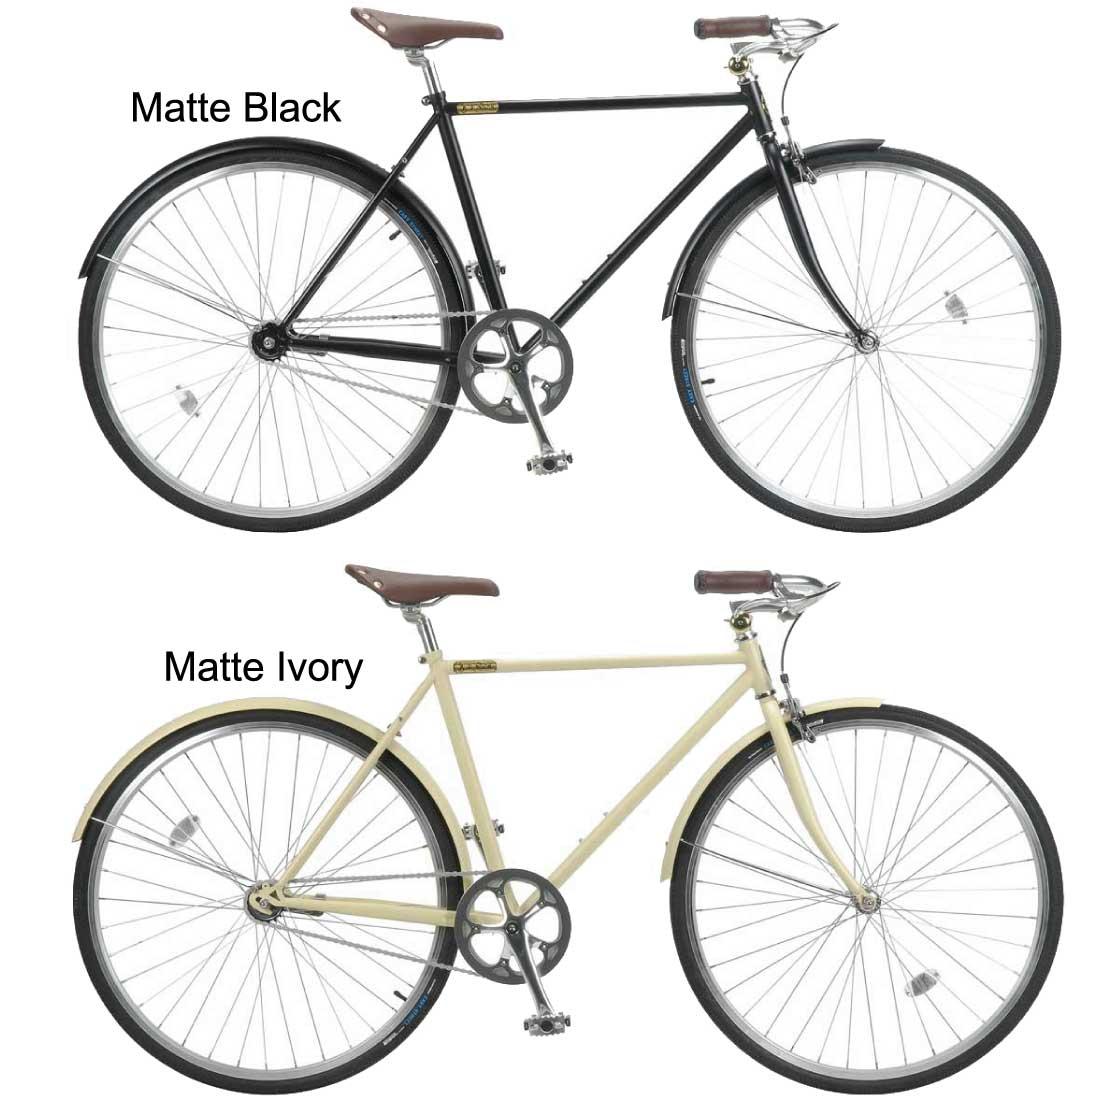 おしゃれ 自転車 通勤 通学 メンズ レディース 自転車 700C シングルスピード クラシック クロスバイク ロードバイク Burlington 700c 1Speed メンズ レディース